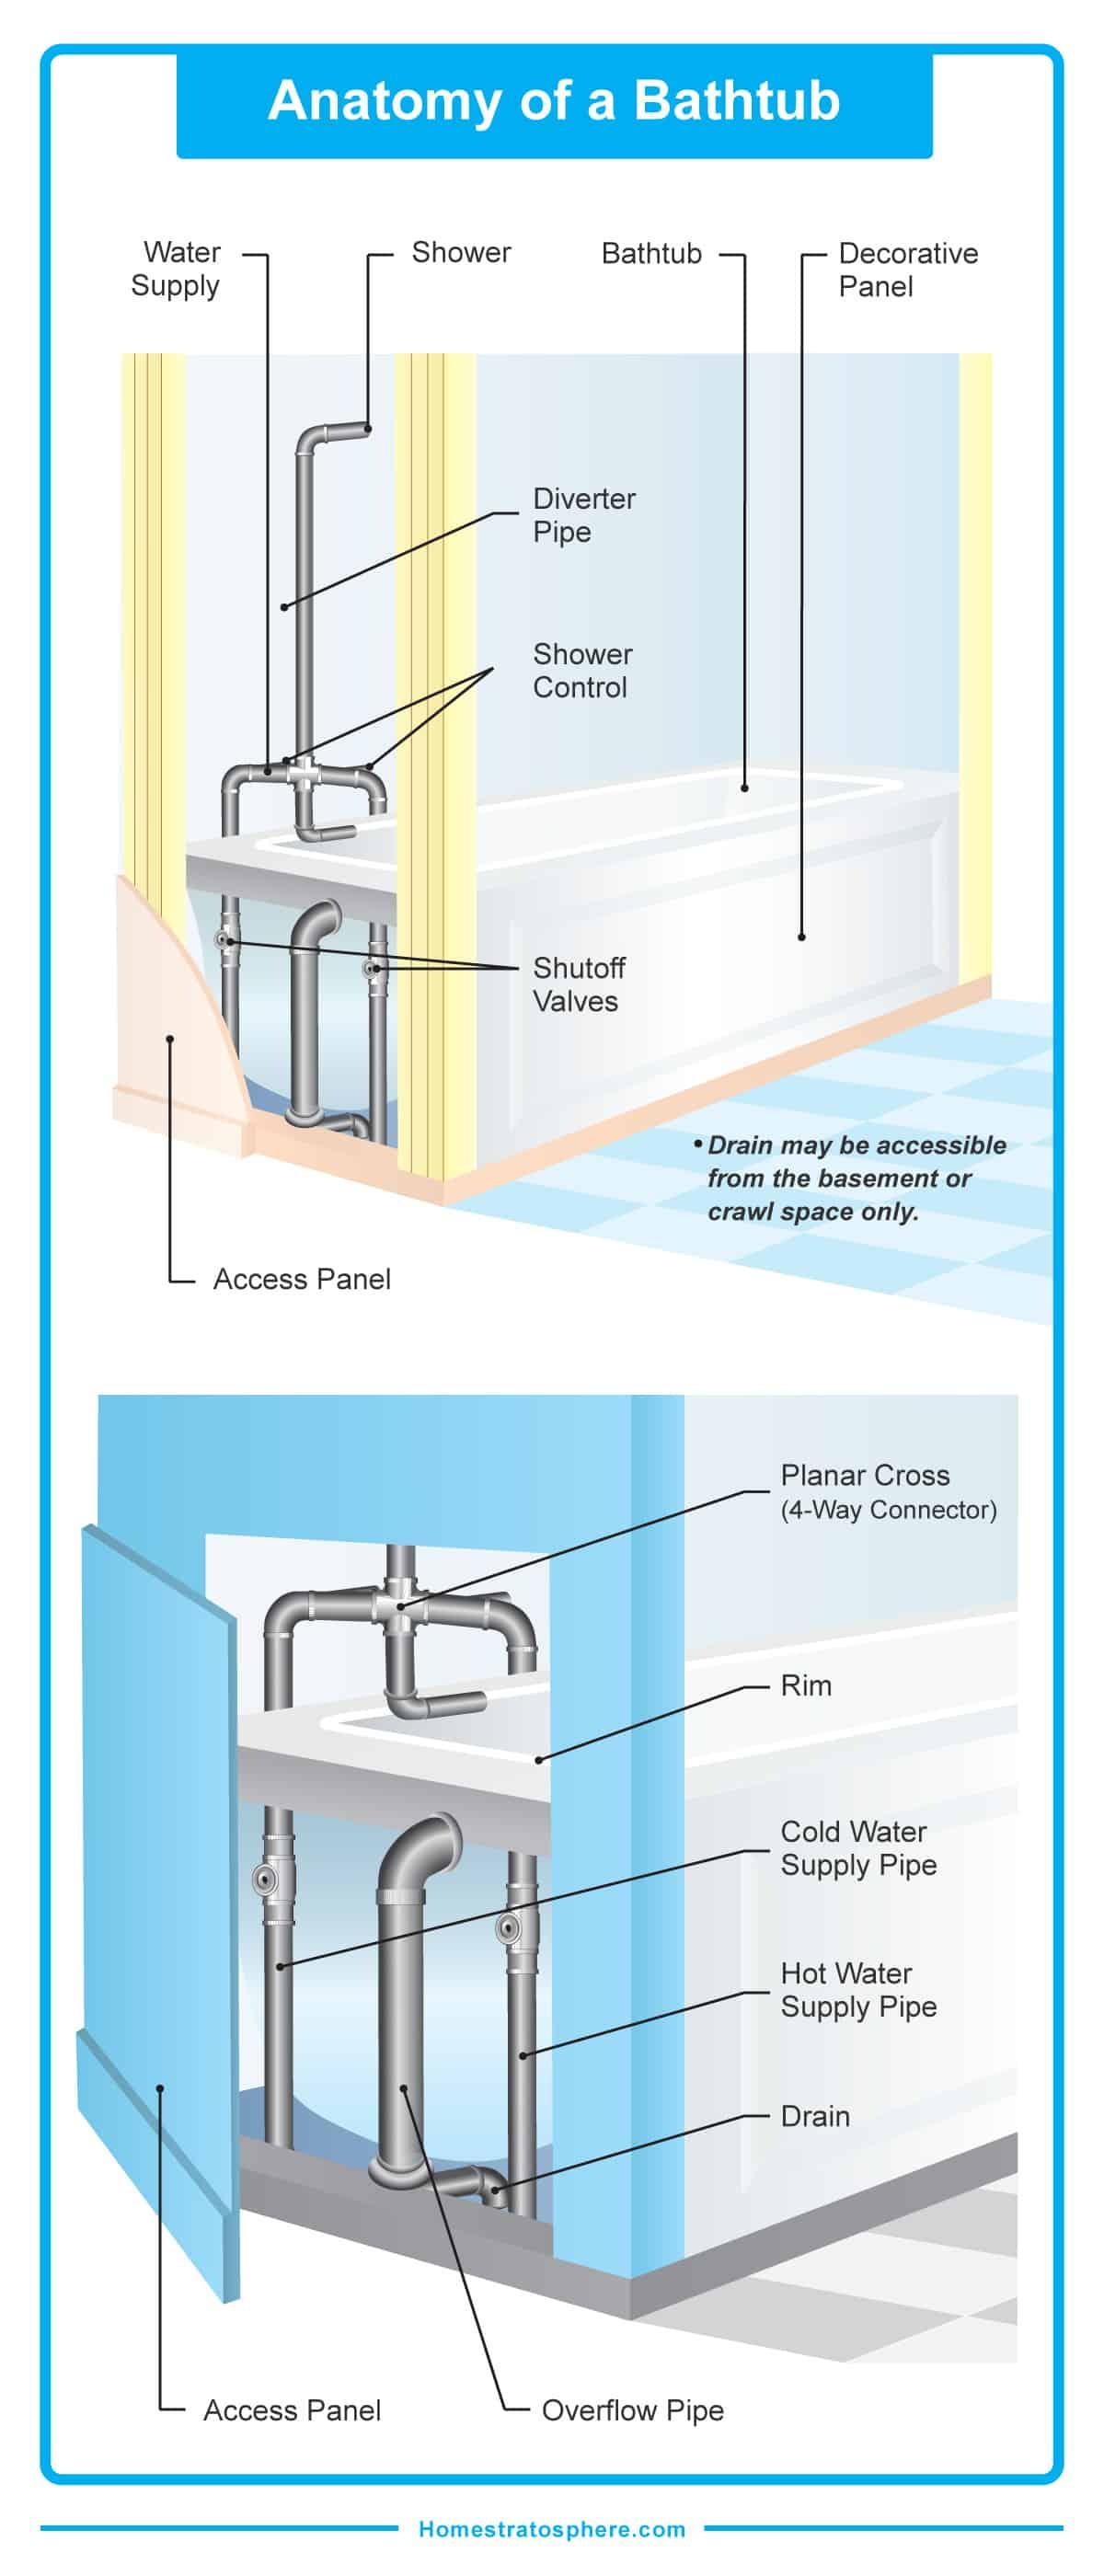 bathroom drainage diagram mtd lawn mower belt parts of a bathtub detailed